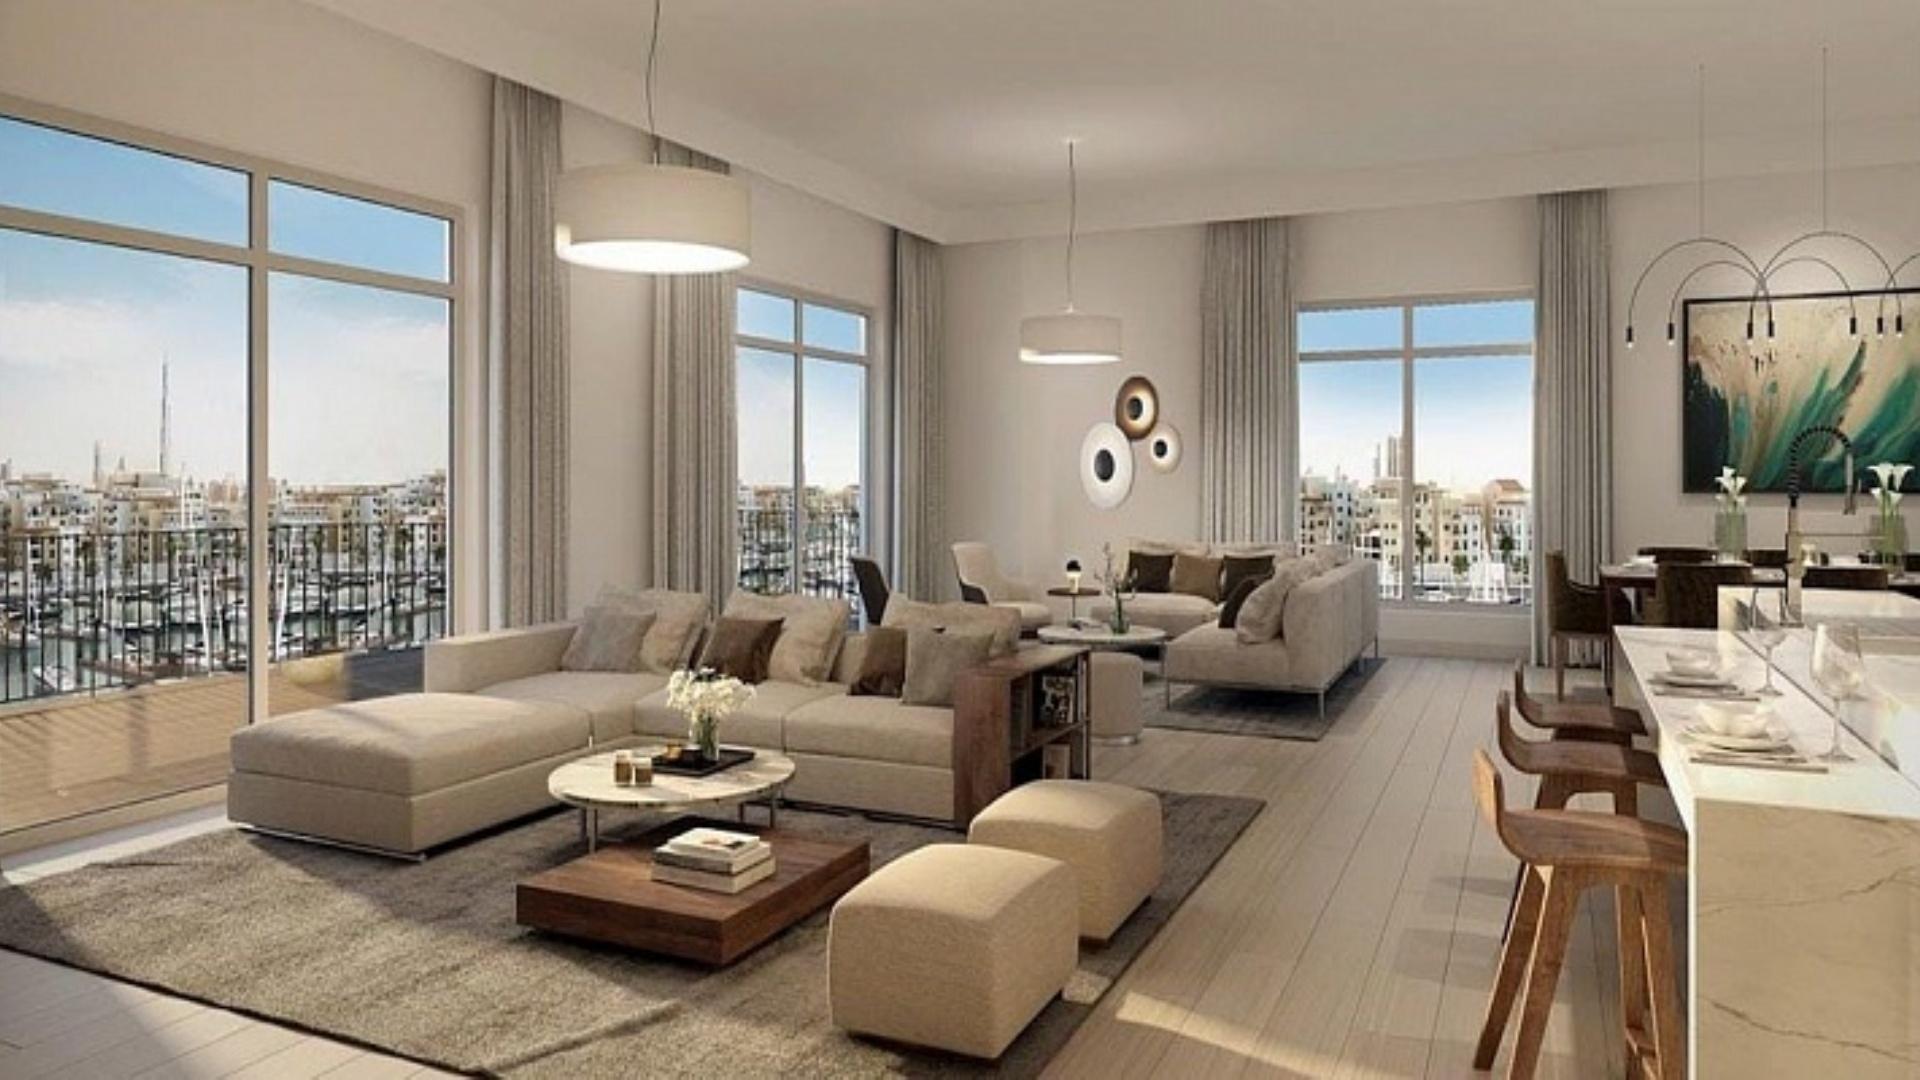 Apartment for sale in Dubai, UAE, 3 bedrooms, 212 m2, No. 24284 – photo 4